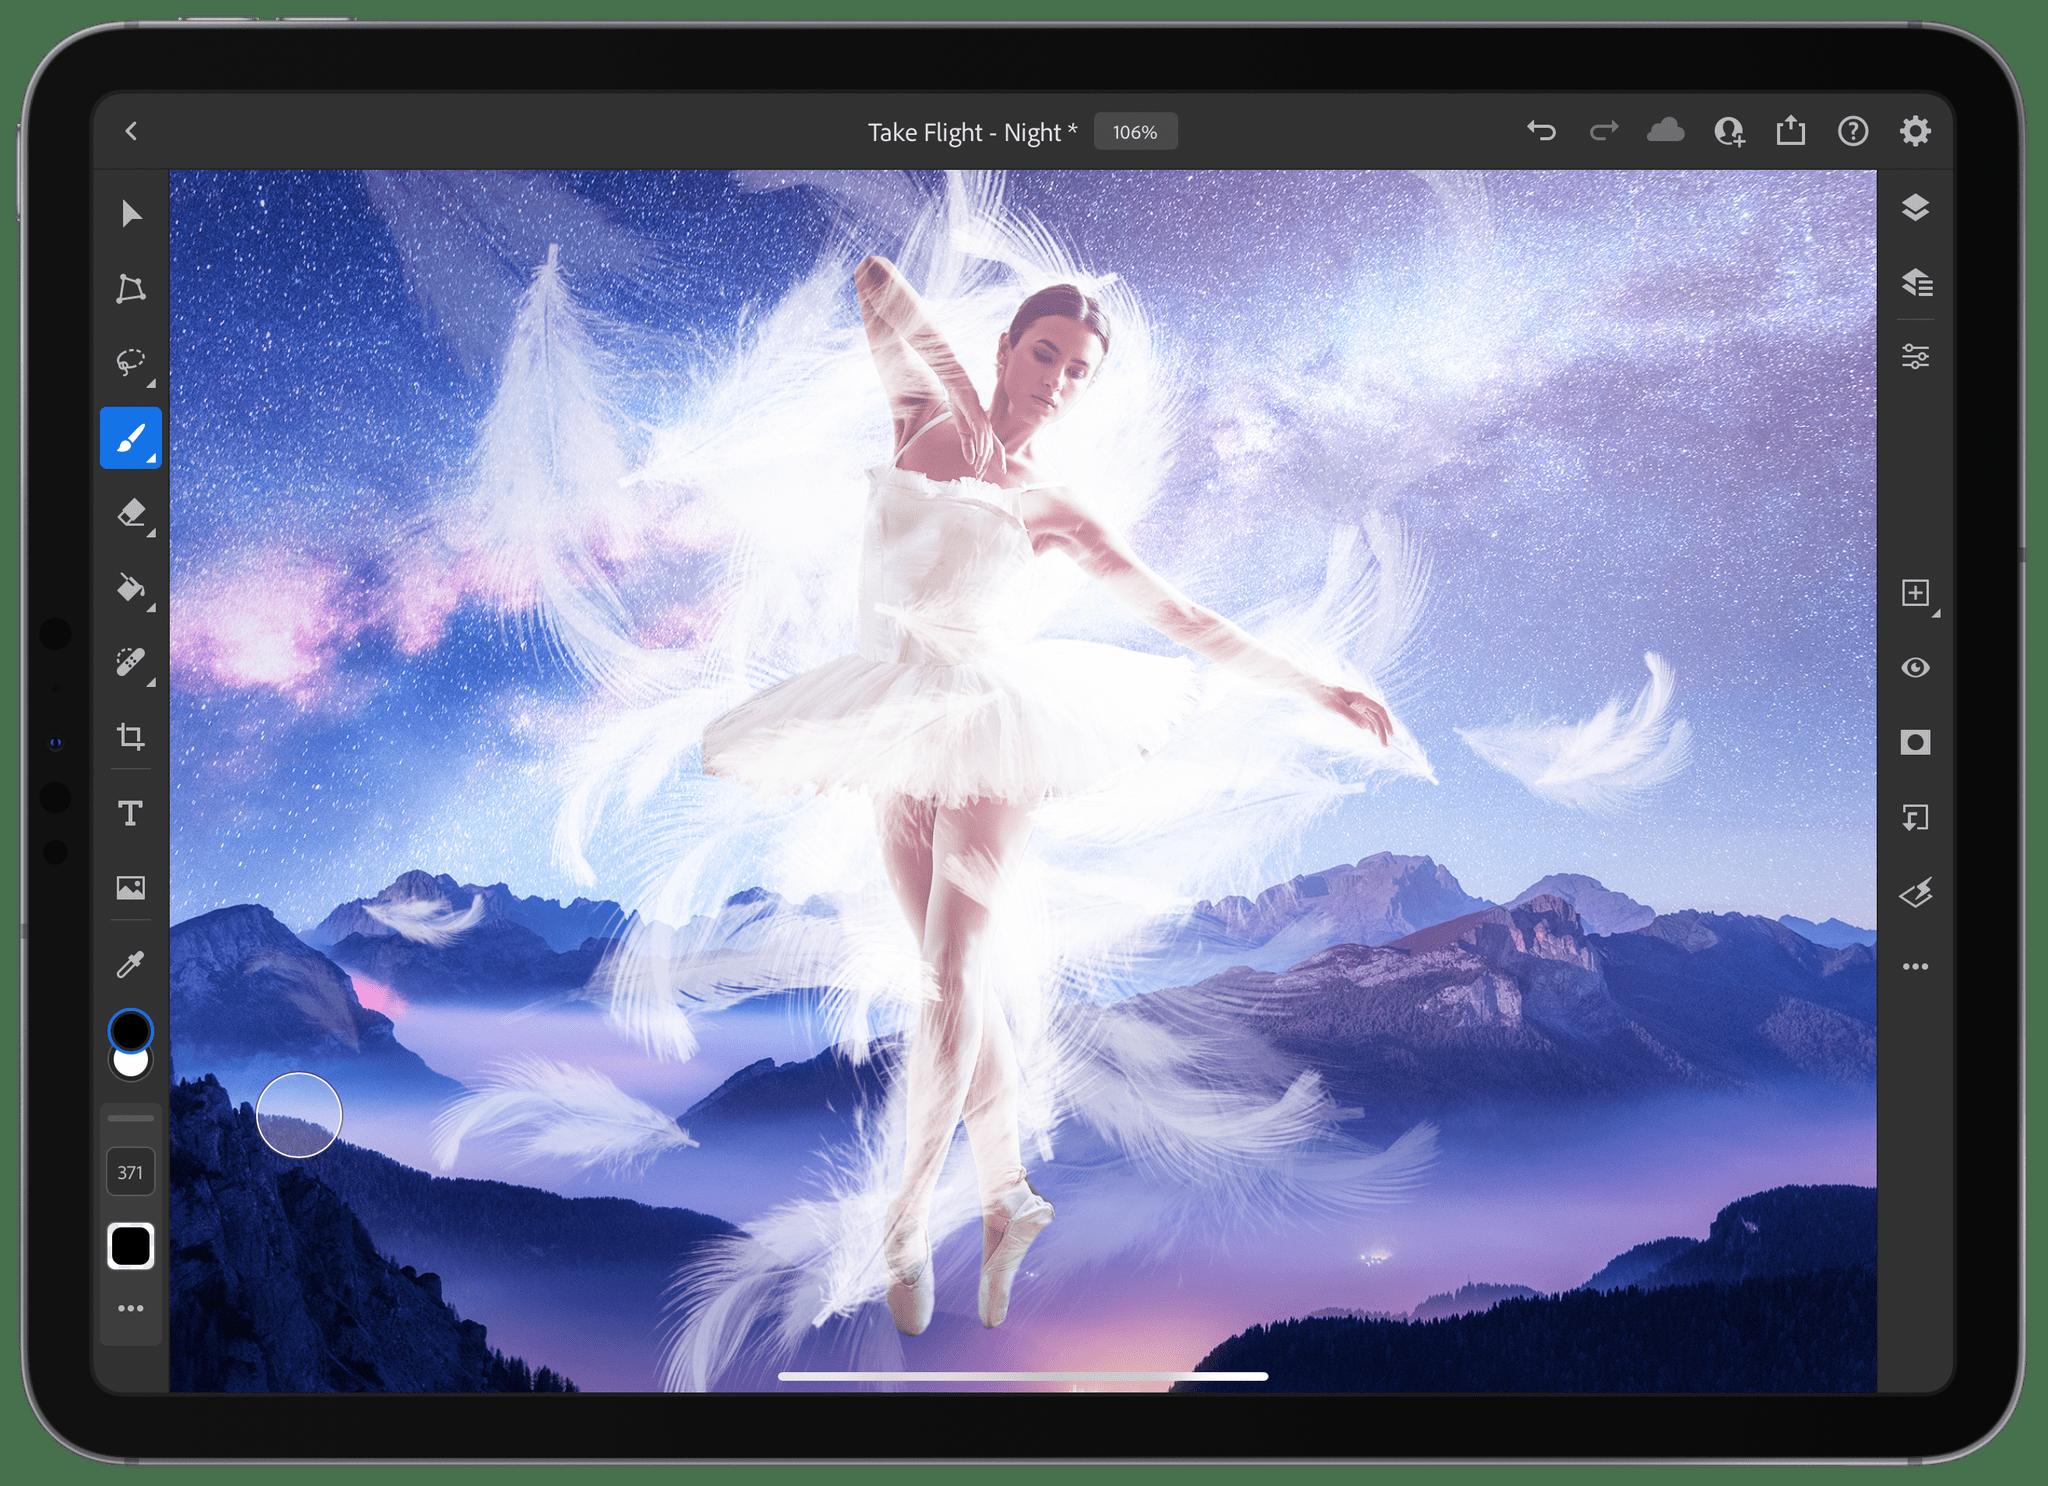 Photoshop for iPad supports custom brushes.